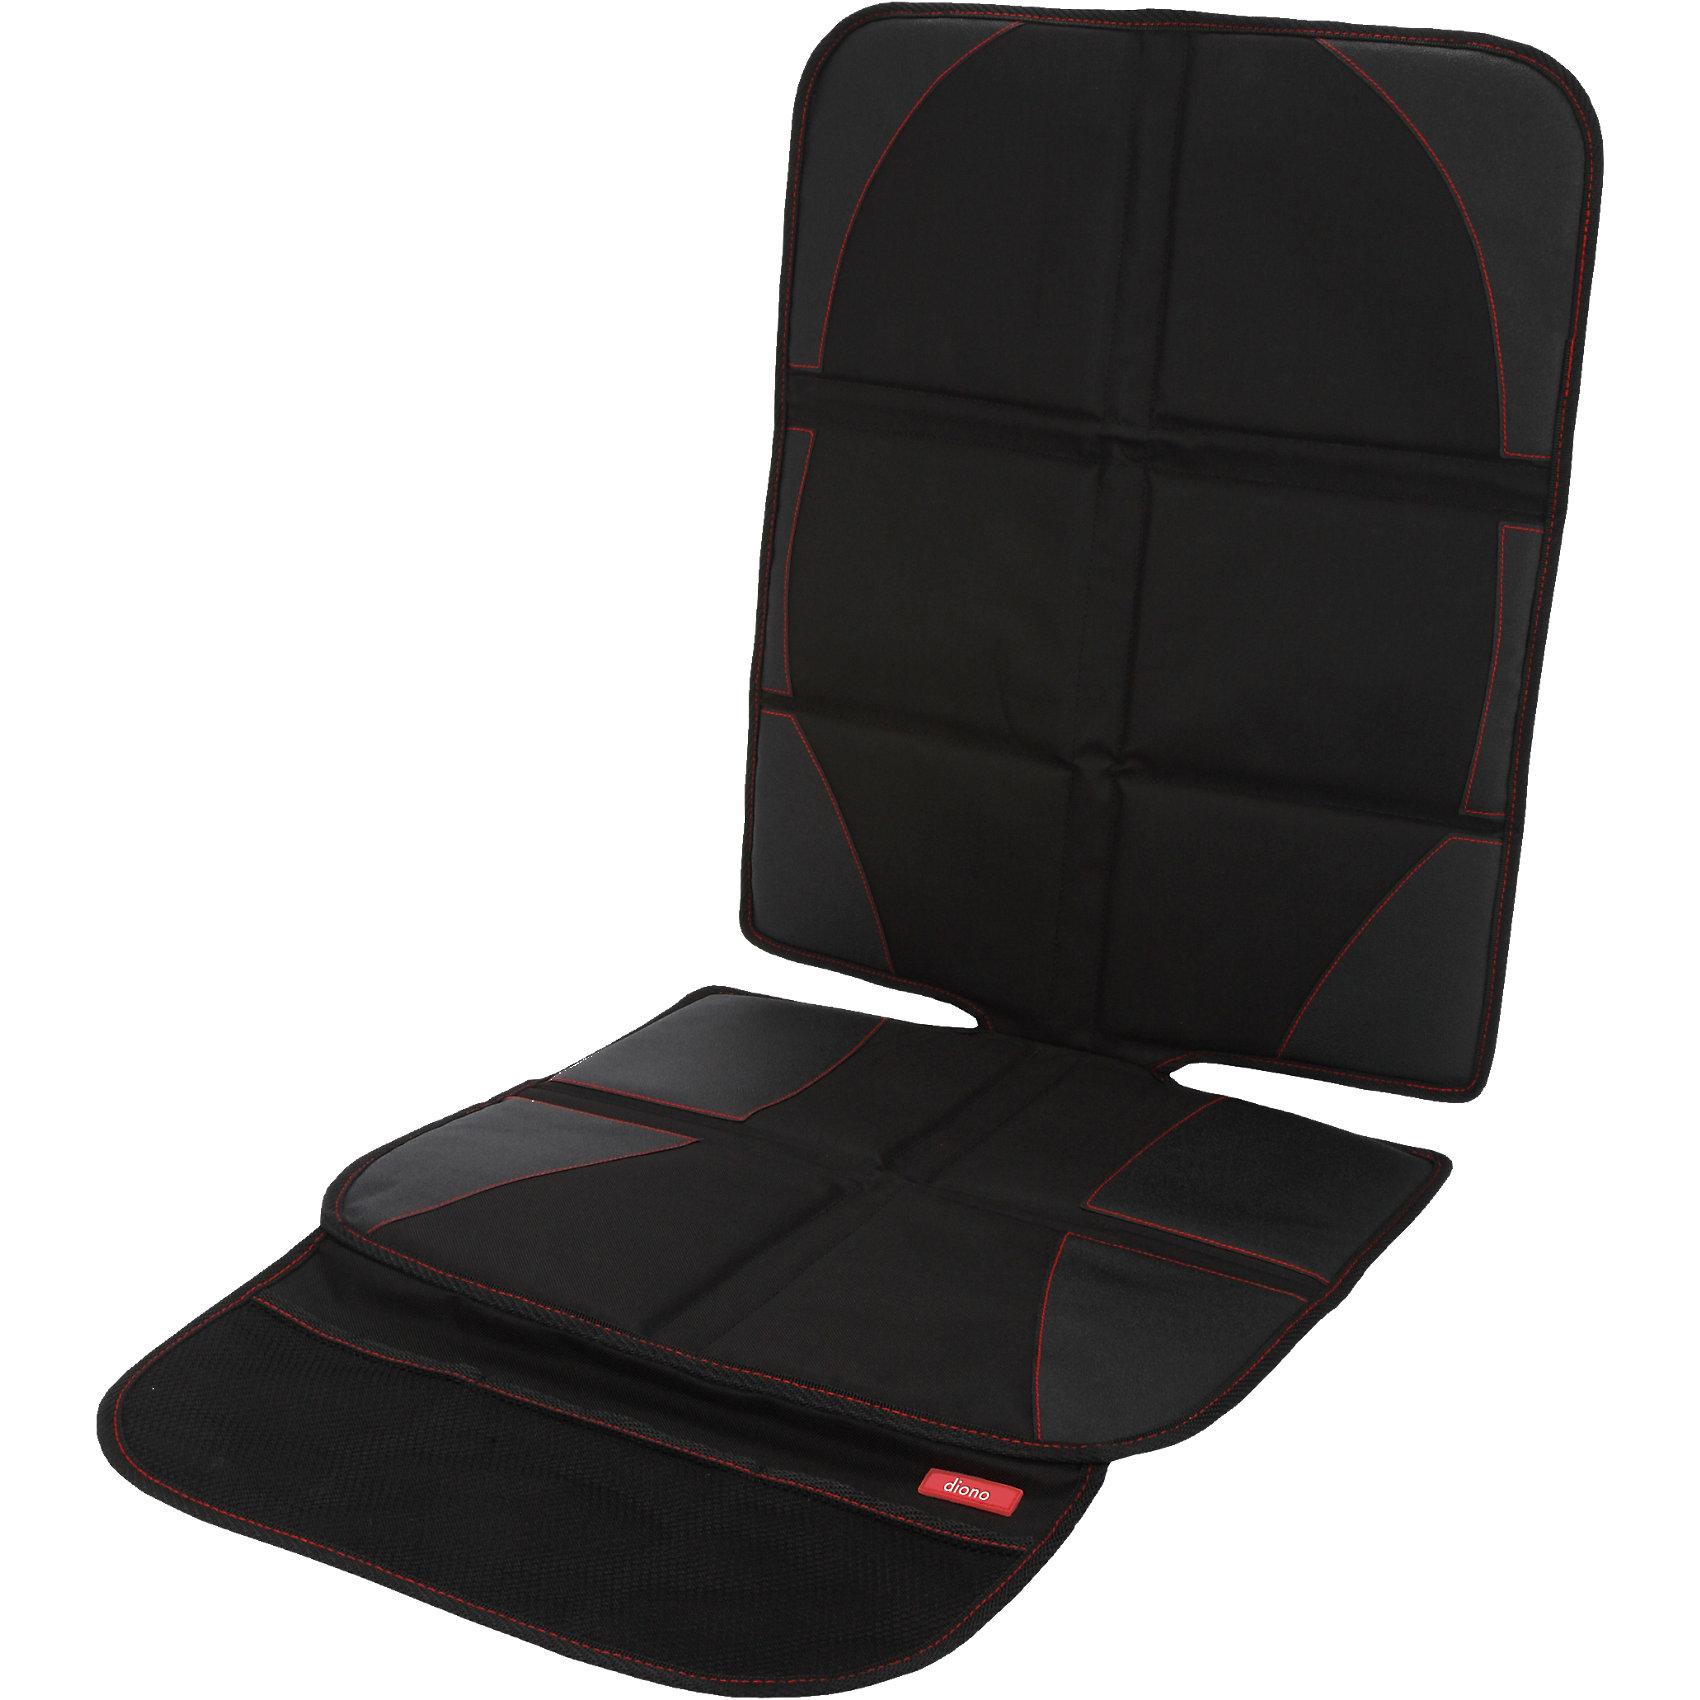 Чехол для автомобильного сидения  из 2-х частей Ultra Mat , Diono, BlackАксессуары<br>Чехол для автомобильного сидения  из 2-х частей Ultra Mat , Diono, Black создан для защиты сидения от возможных загрязнений. Он водонепроницаем, что не позволит намокнуть сидению, если ребёнок что-то прольет. В нижней части имеет 3 кармана для хранения предметов. Его легко зафиксировать к подголовнику. Можно закрепить на чехол автокресло, что обеспечит более надёжную фиксацию.  Чехол складывается для удобного хранения.<br><br>Дополнительная информация:<br>-Марка: Diono<br><br>Чехол для автомобильного сидения  из 2-х частей Ultra Mat , Diono, Black можно приобрести в нашем интернет-магазине.<br><br>Ширина мм: 305<br>Глубина мм: 255<br>Высота мм: 135<br>Вес г: 1200<br>Цвет: черный<br>Возраст от месяцев: 0<br>Возраст до месяцев: 144<br>Пол: Унисекс<br>Возраст: Детский<br>SKU: 5089864